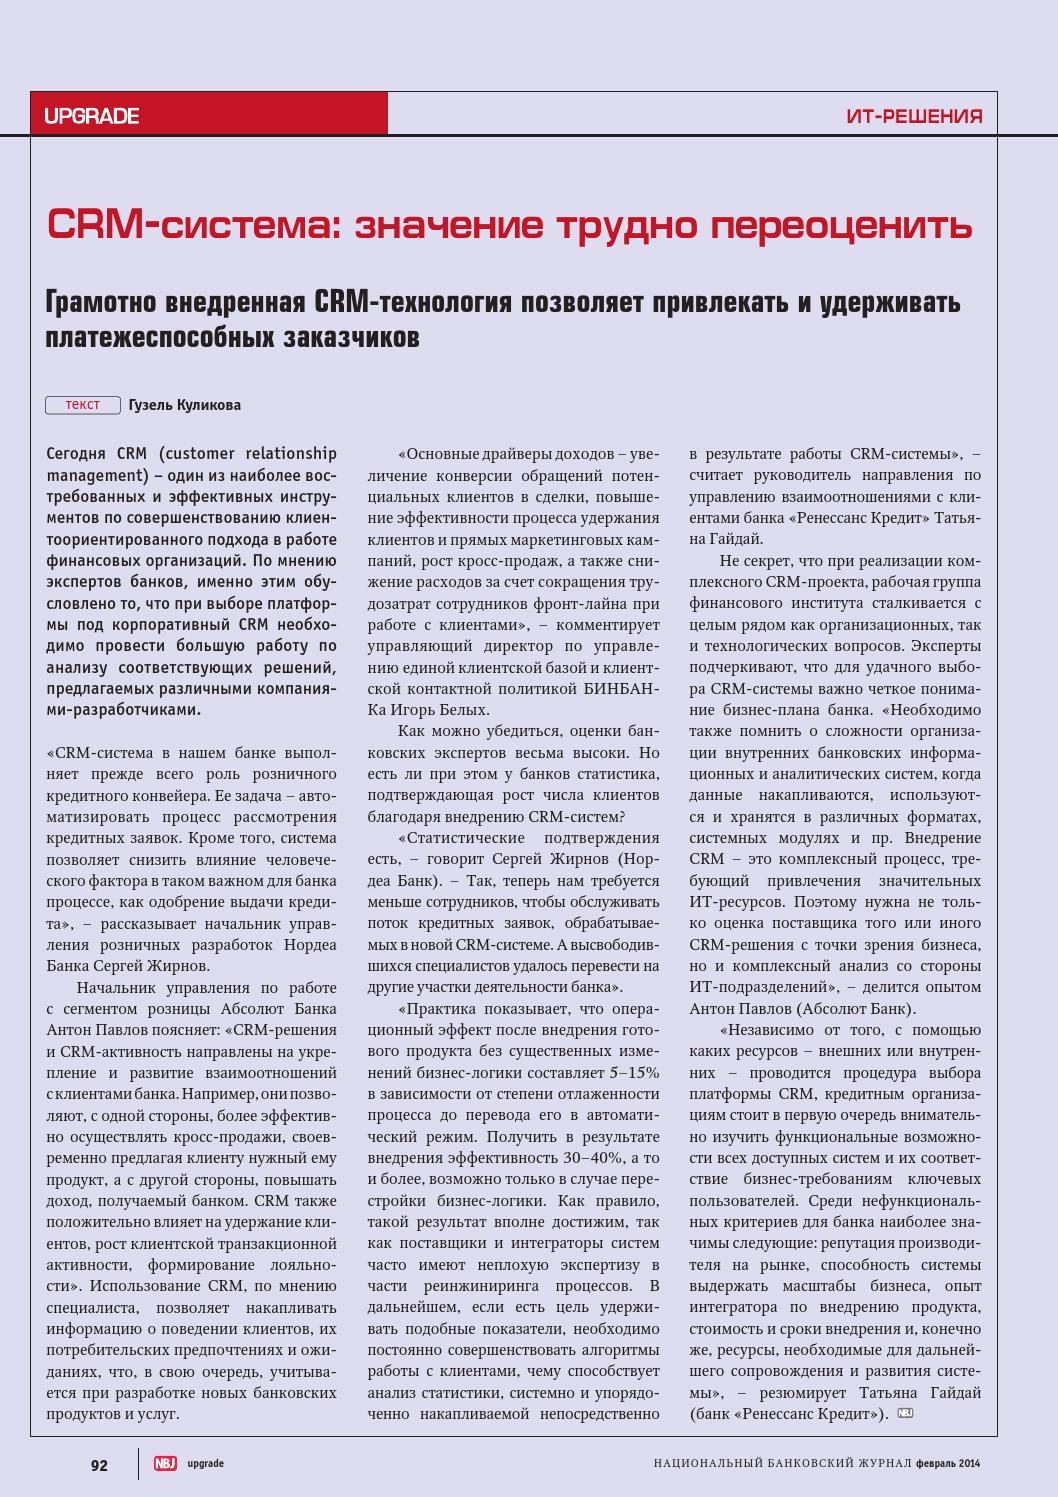 восточный банк оплатить кредит онлайн по номеру договора с карты сбербанка